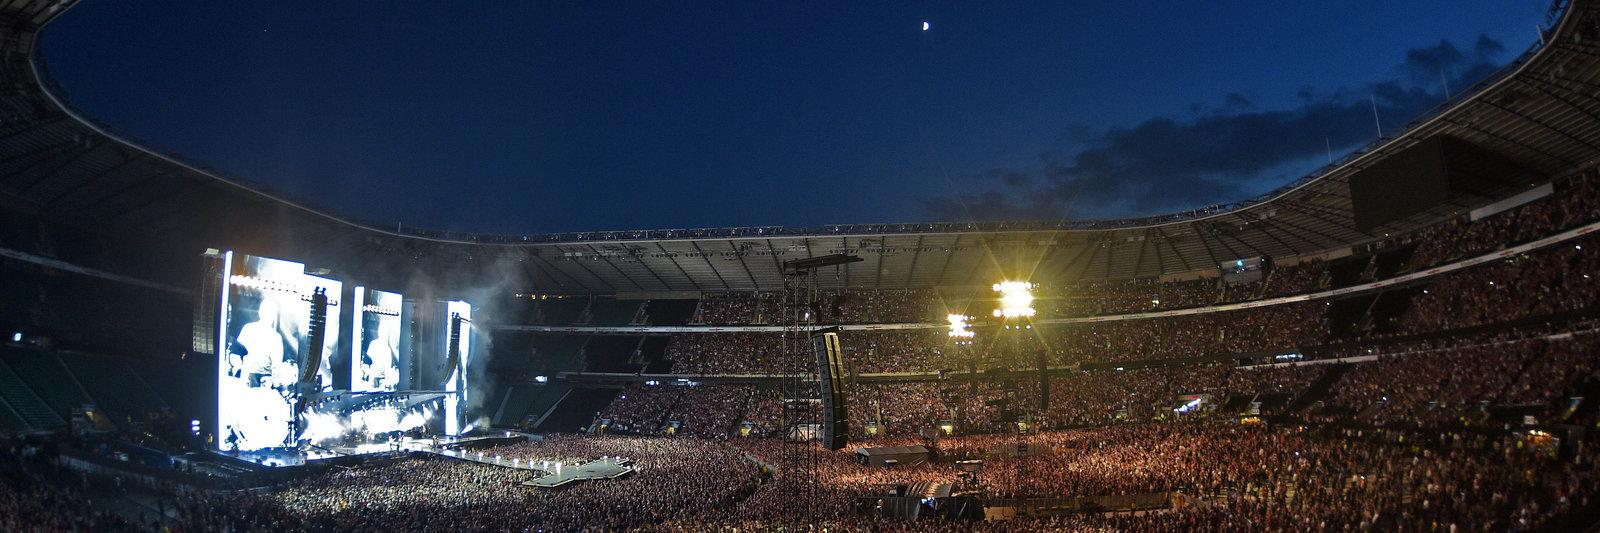 Rolling Stones concert at Twickenham Stadium